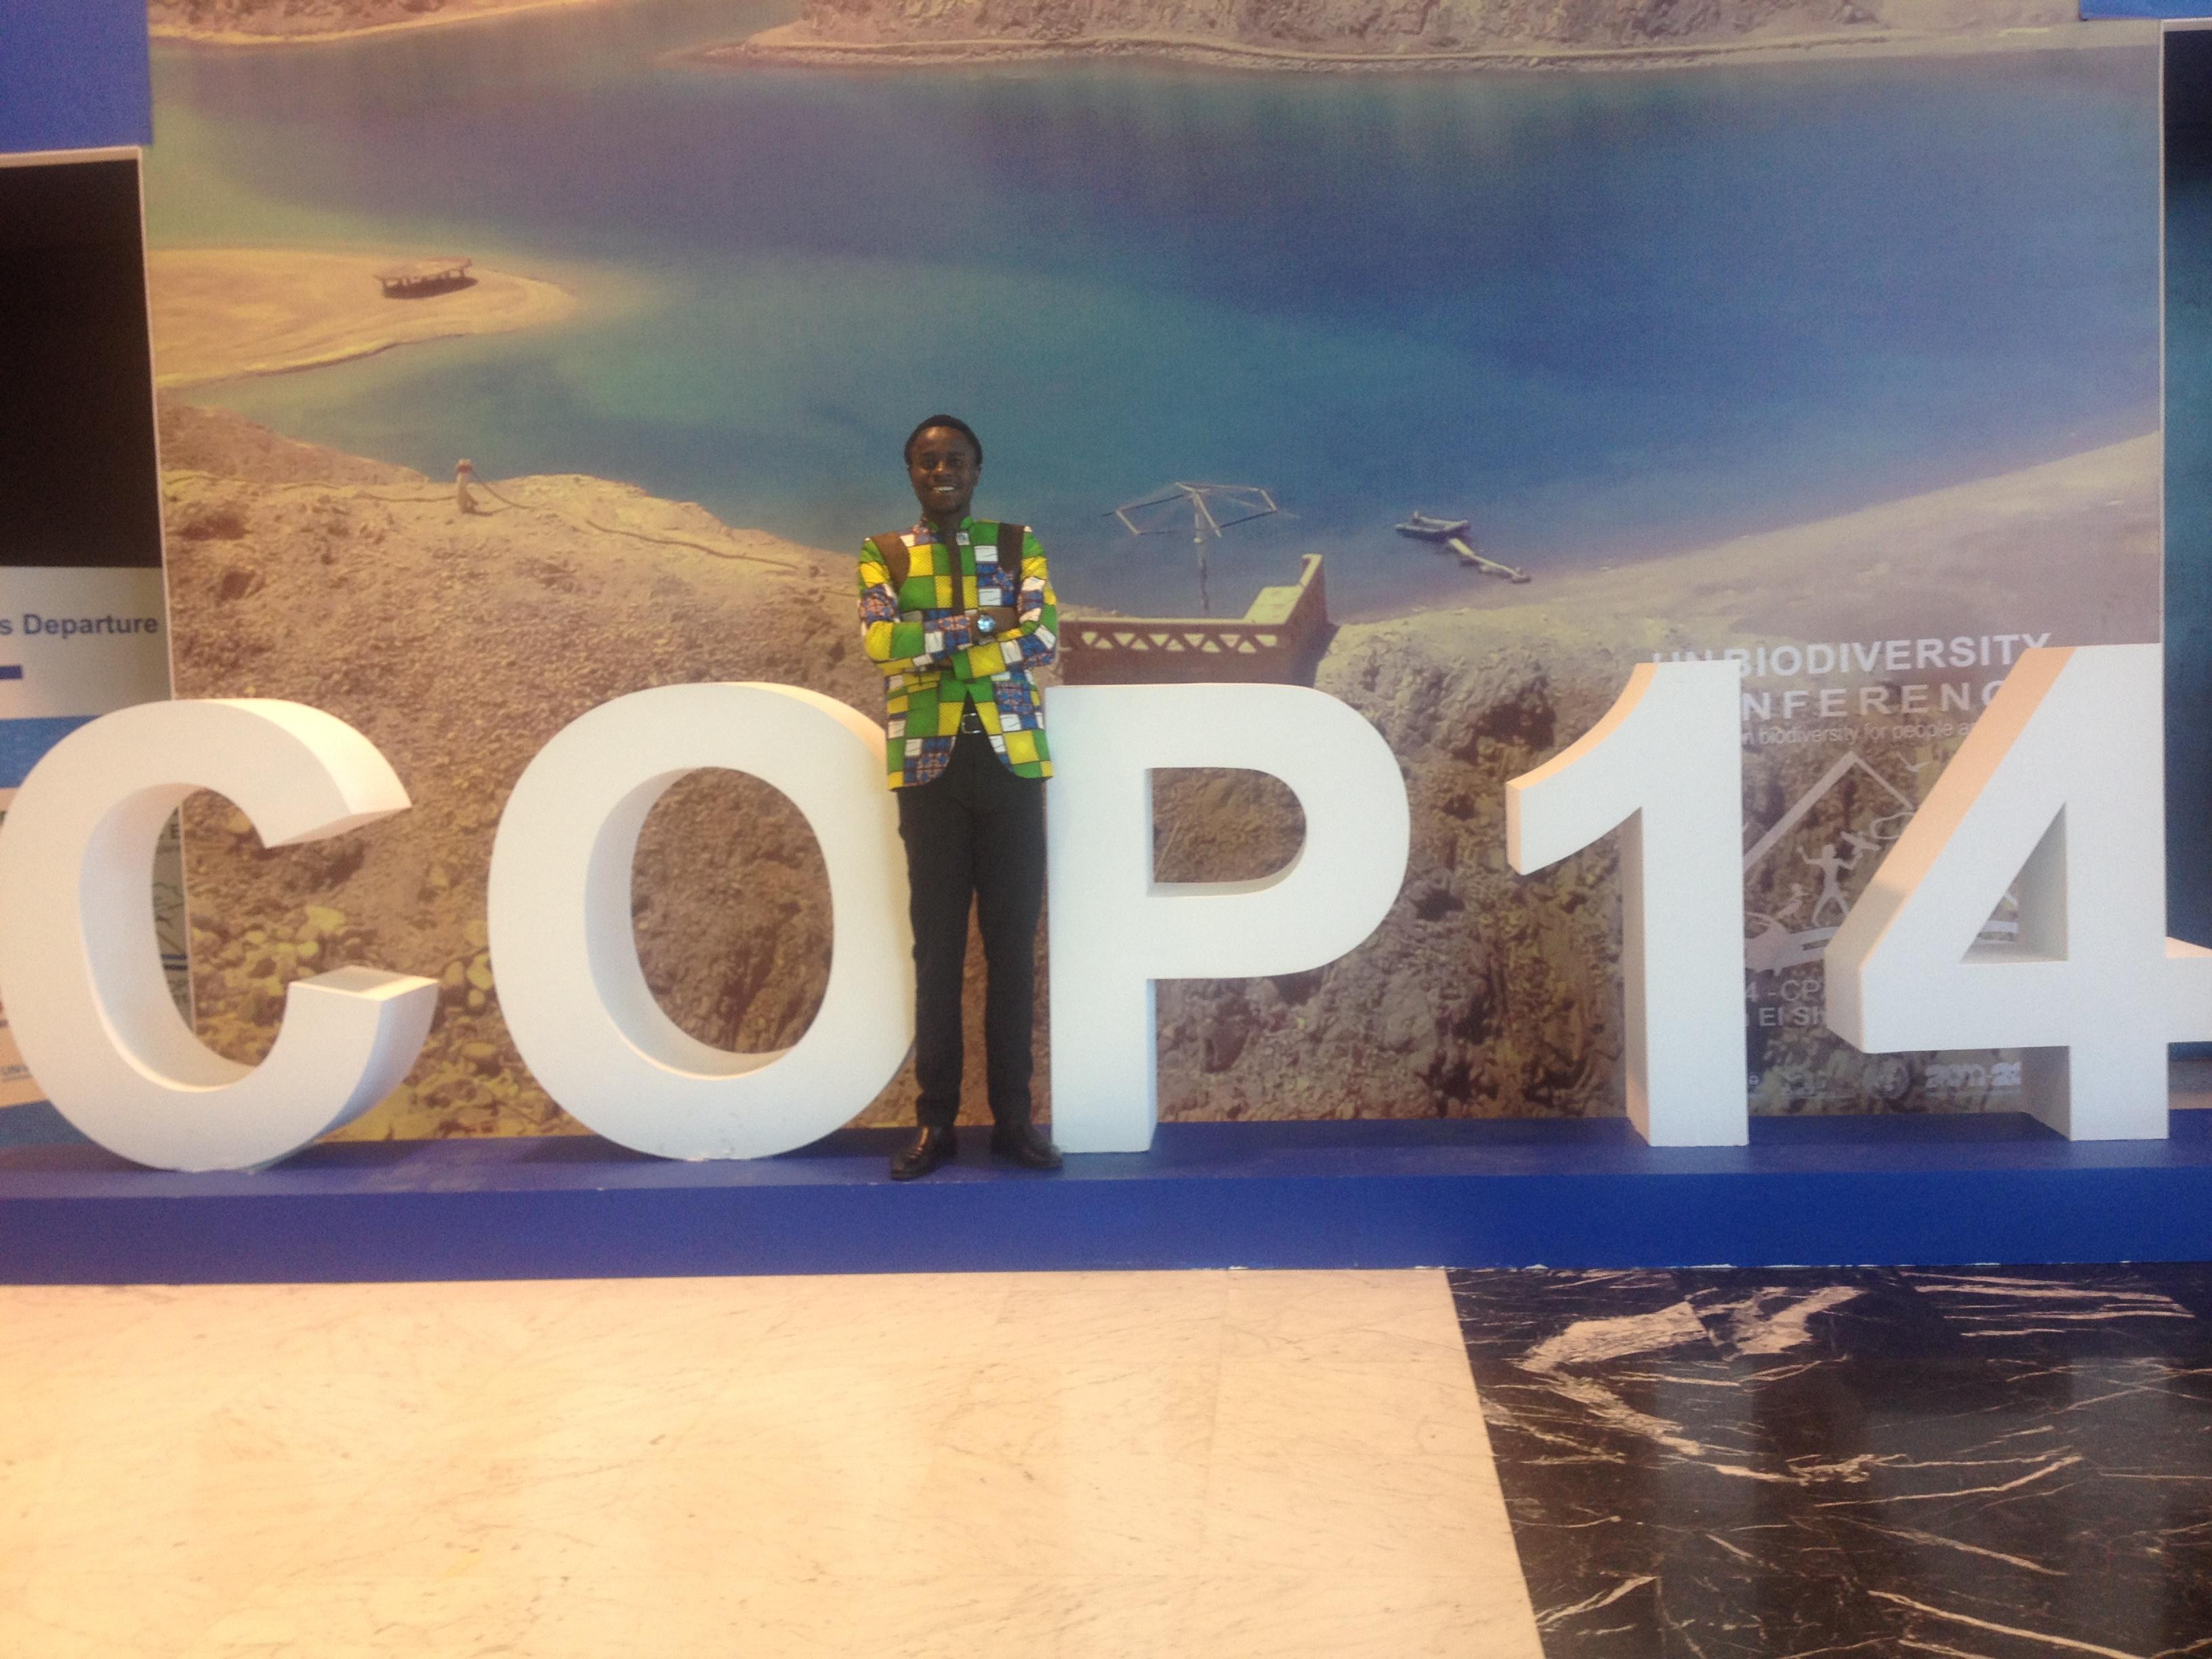 COP14 Egypt - CYNESA 2